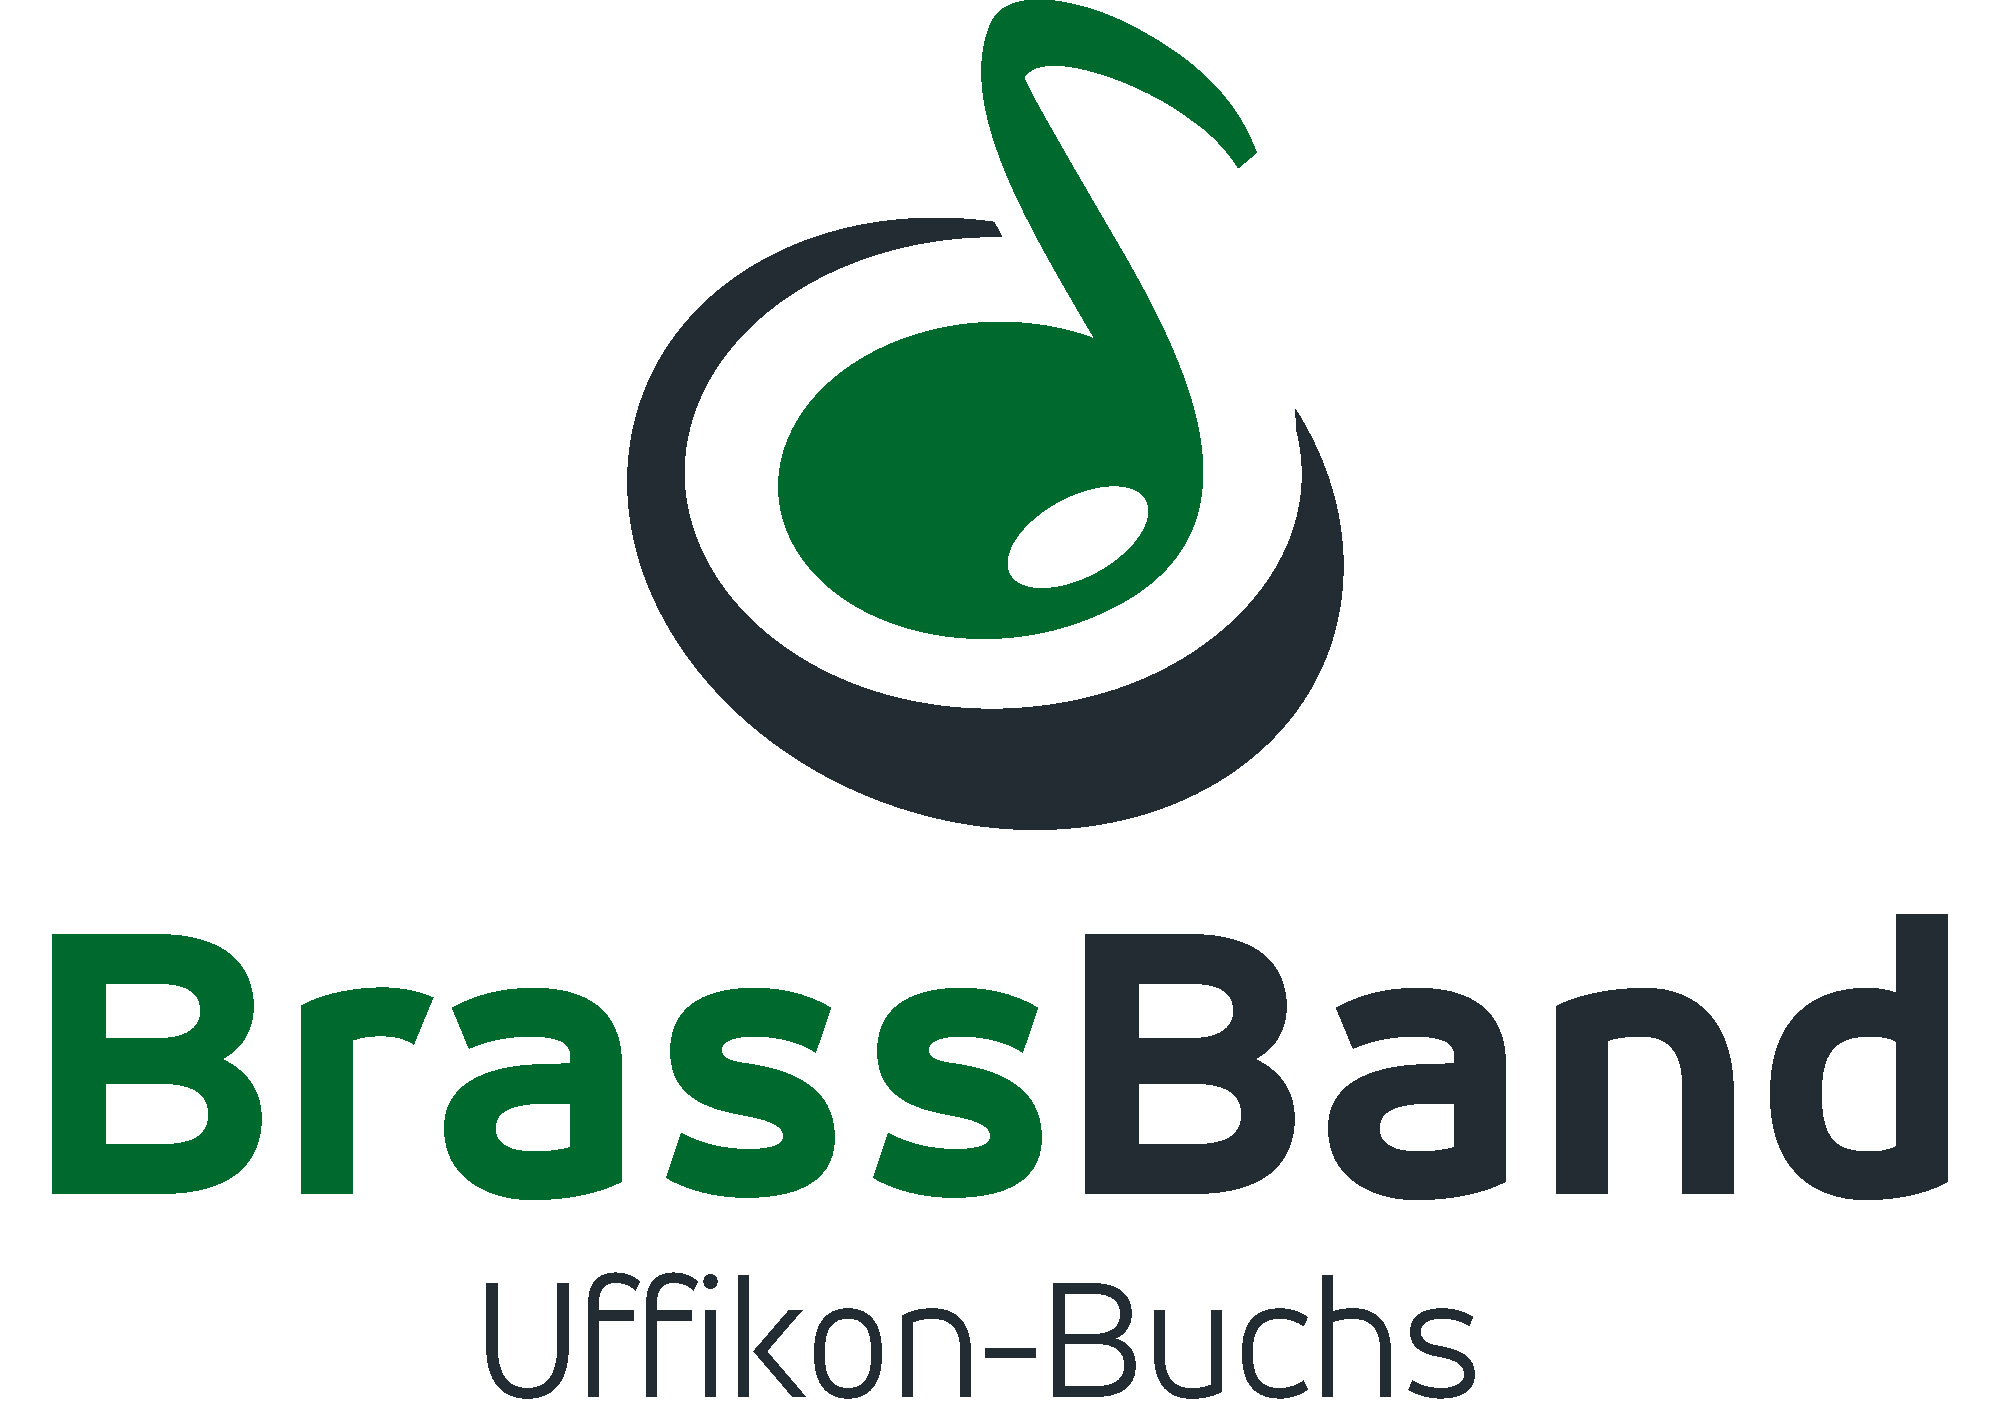 Brass Band Uffikon-Buchs